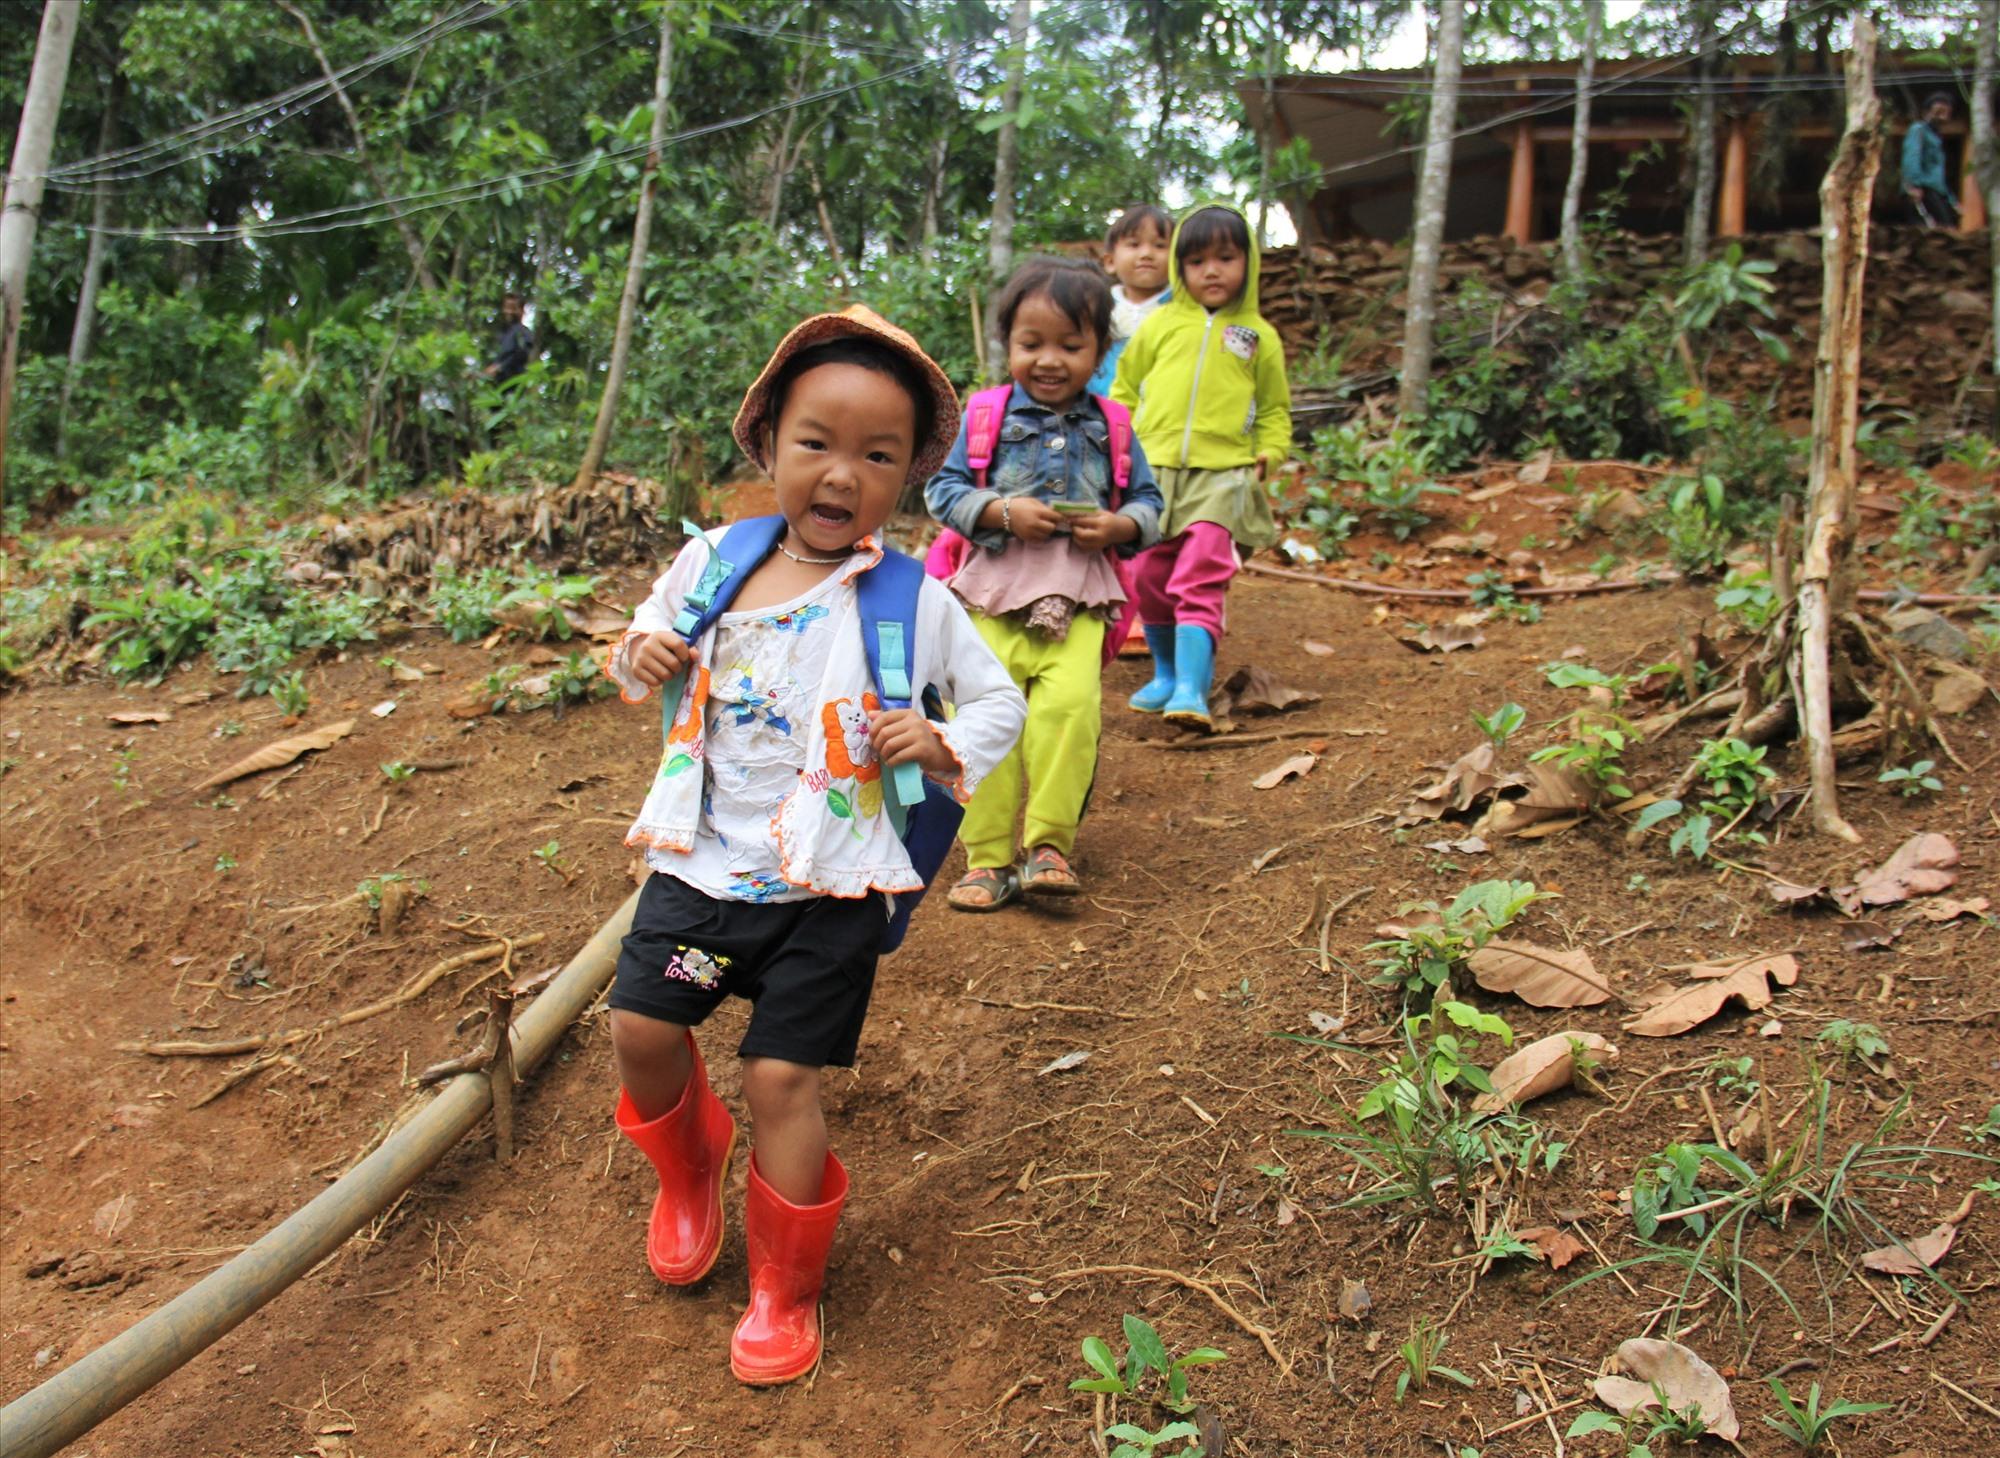 Các em nhỏ người Xê Đăng ở nóc Long Bok (thôn 3, xã Trà Mai, Nam Trà My) trên đường về nhà sau buổi học. Để đi đường an toàn, cha mẹ đã sắm ủng cho các em.